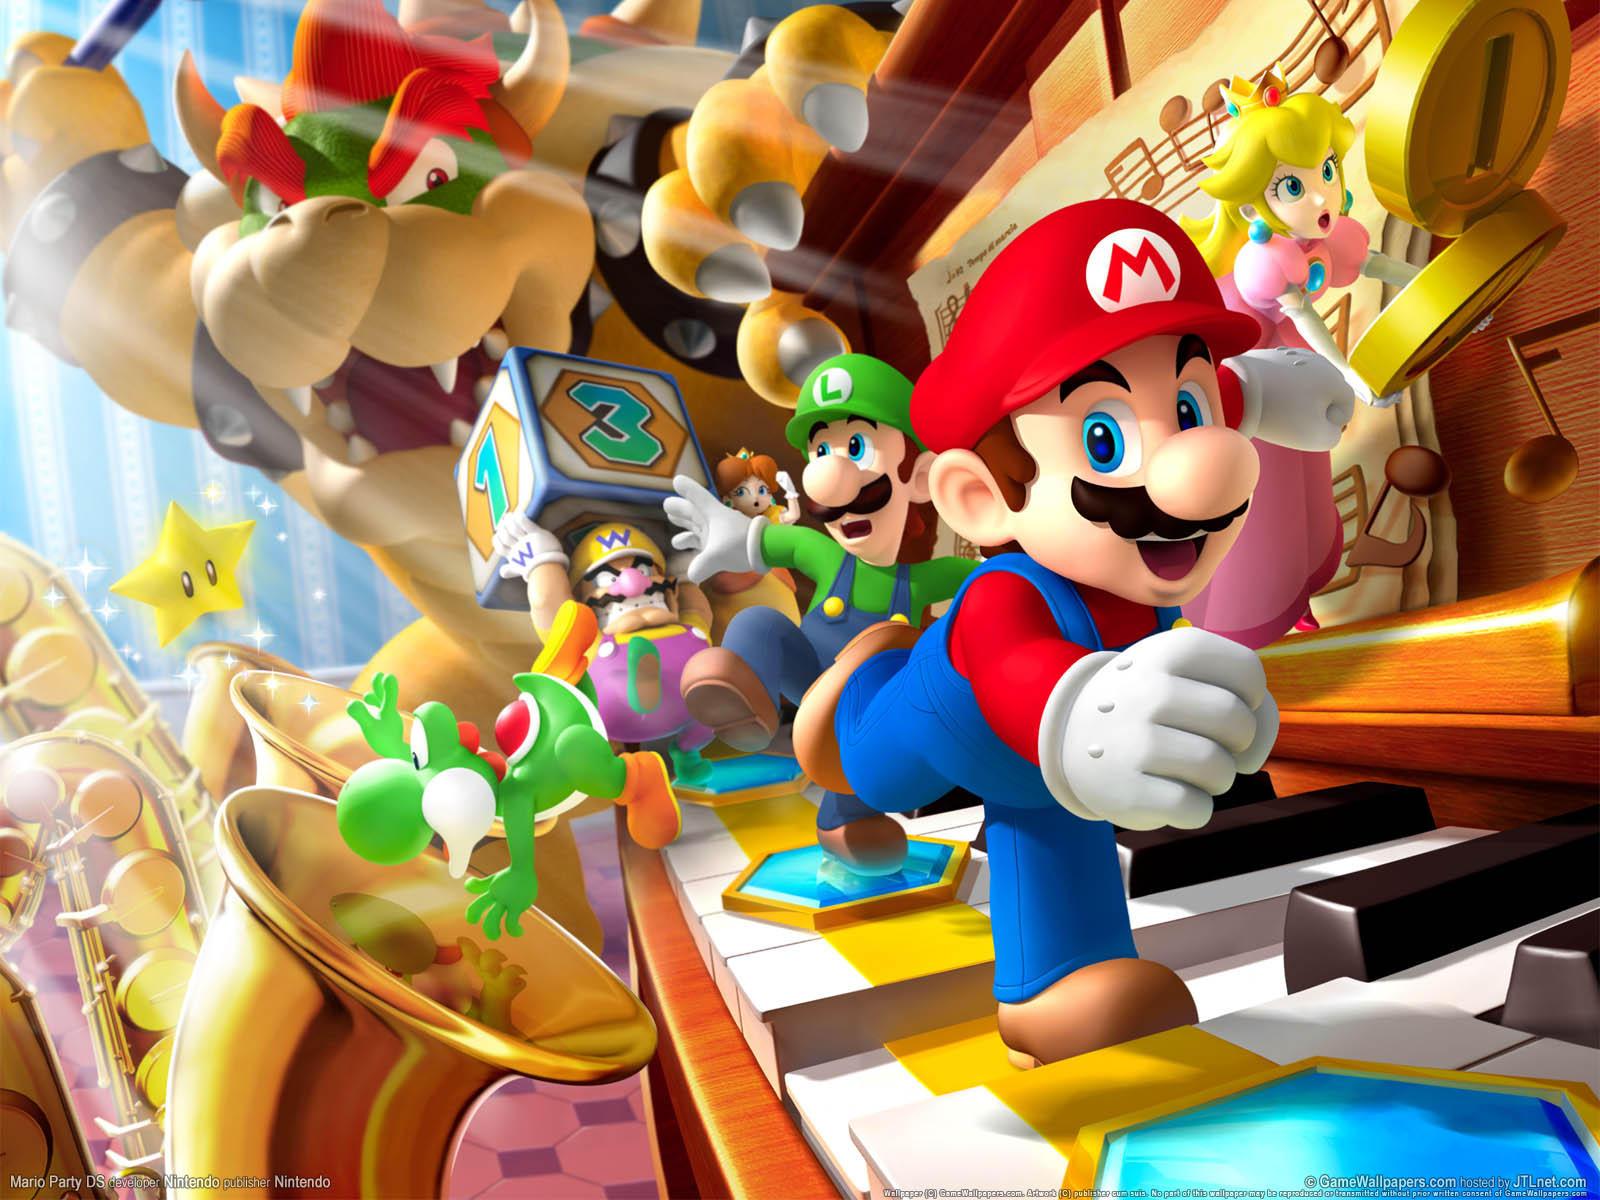 Les jeux vidéos : en faire son métier